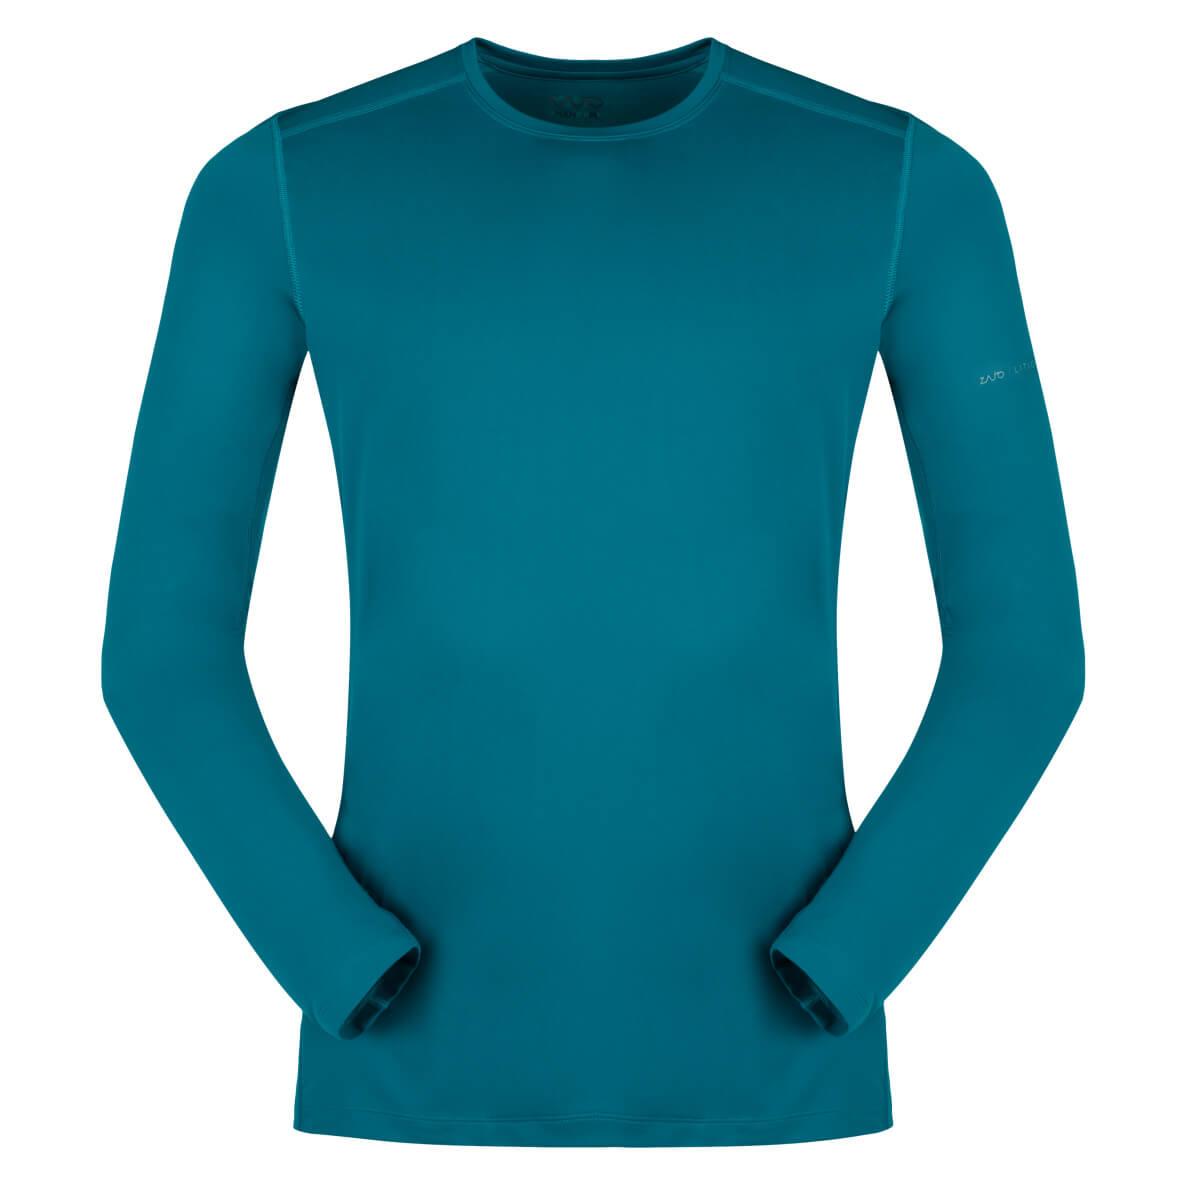 ZAJO Litio T-shirt LS Deep Lagoon pánske tričko - veľkosť S